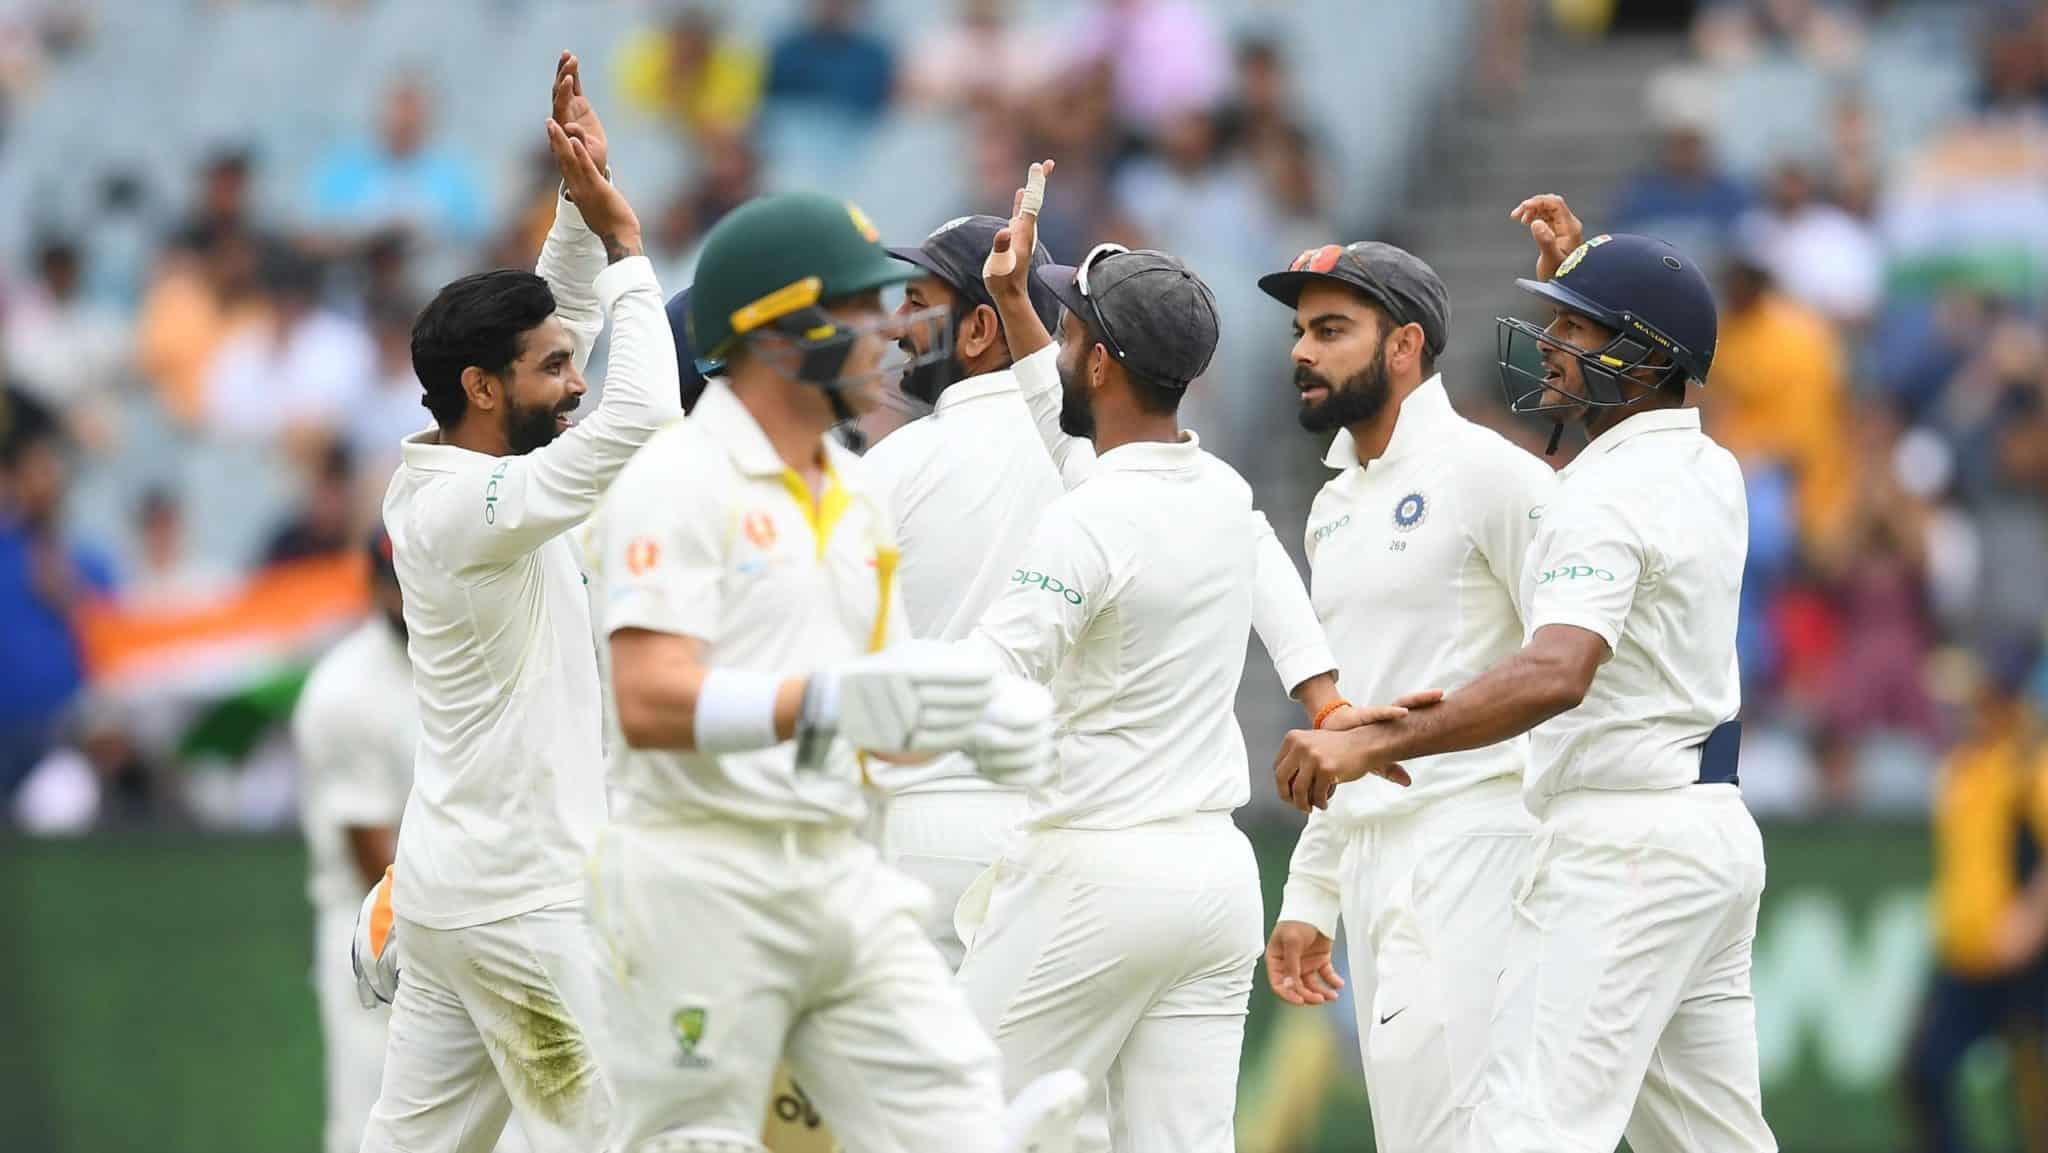 India 1 scaled